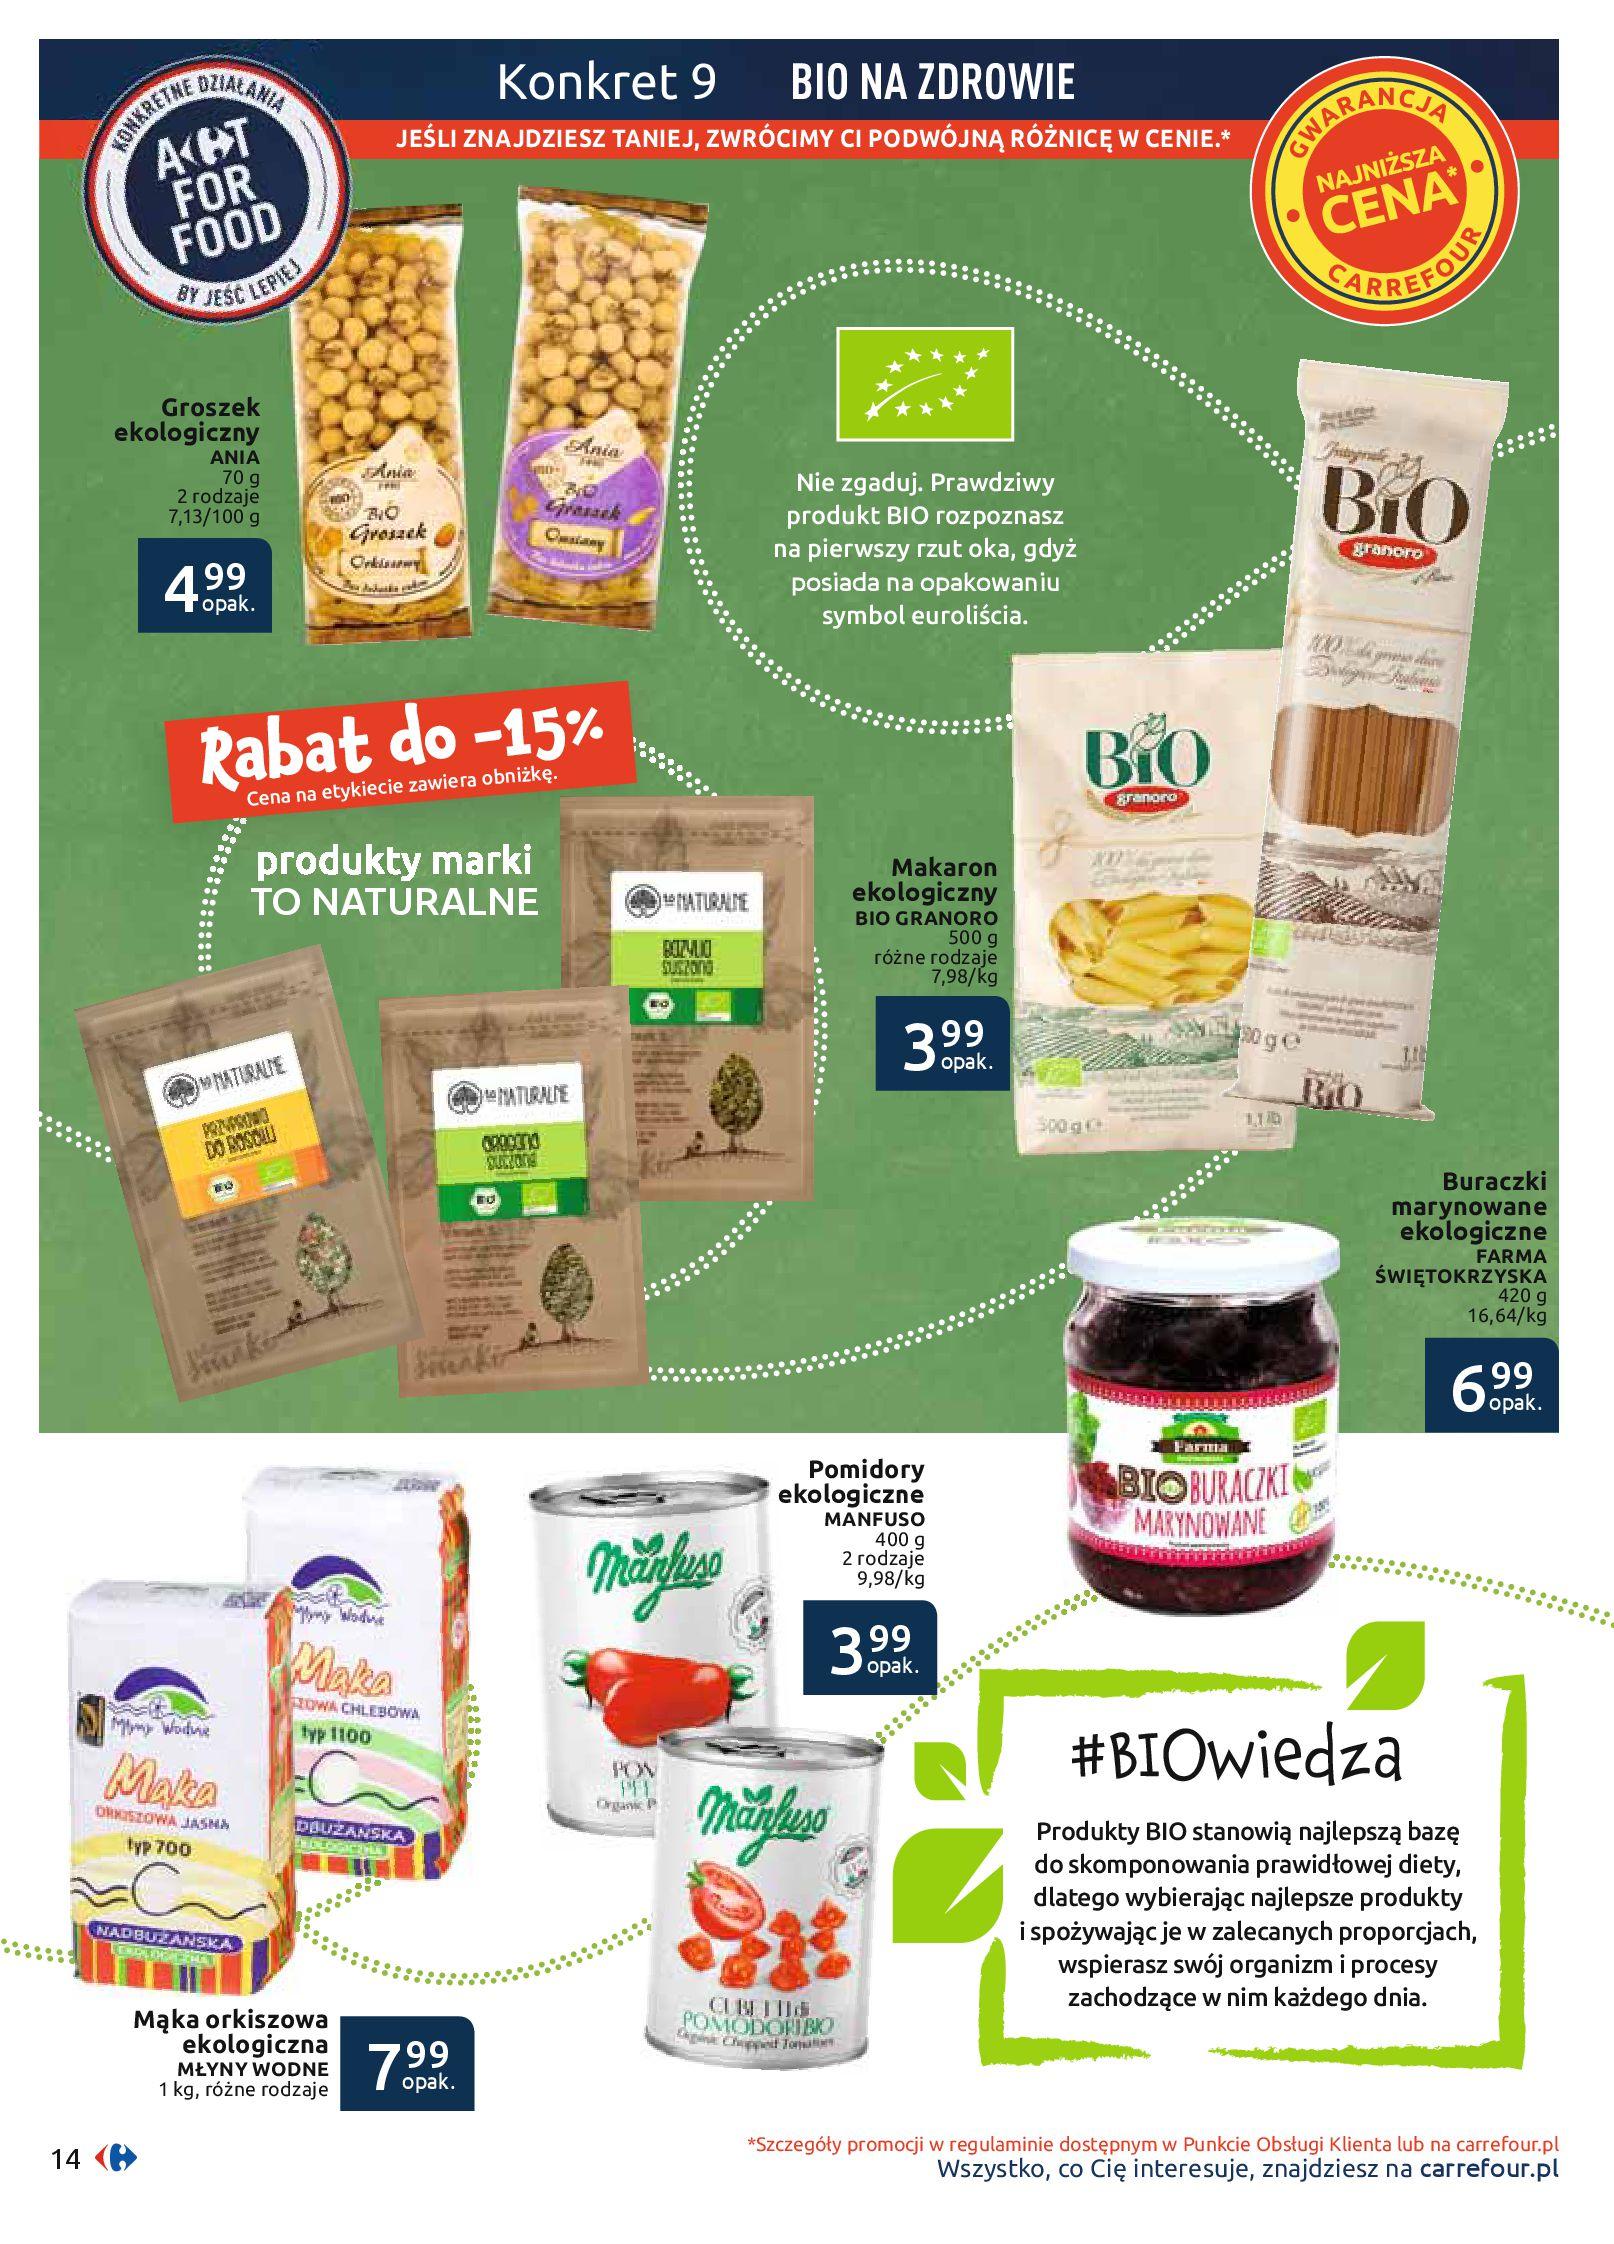 Gazetka Carrefour - BIO na zdrowie-03.06.2019-22.06.2019-page-14